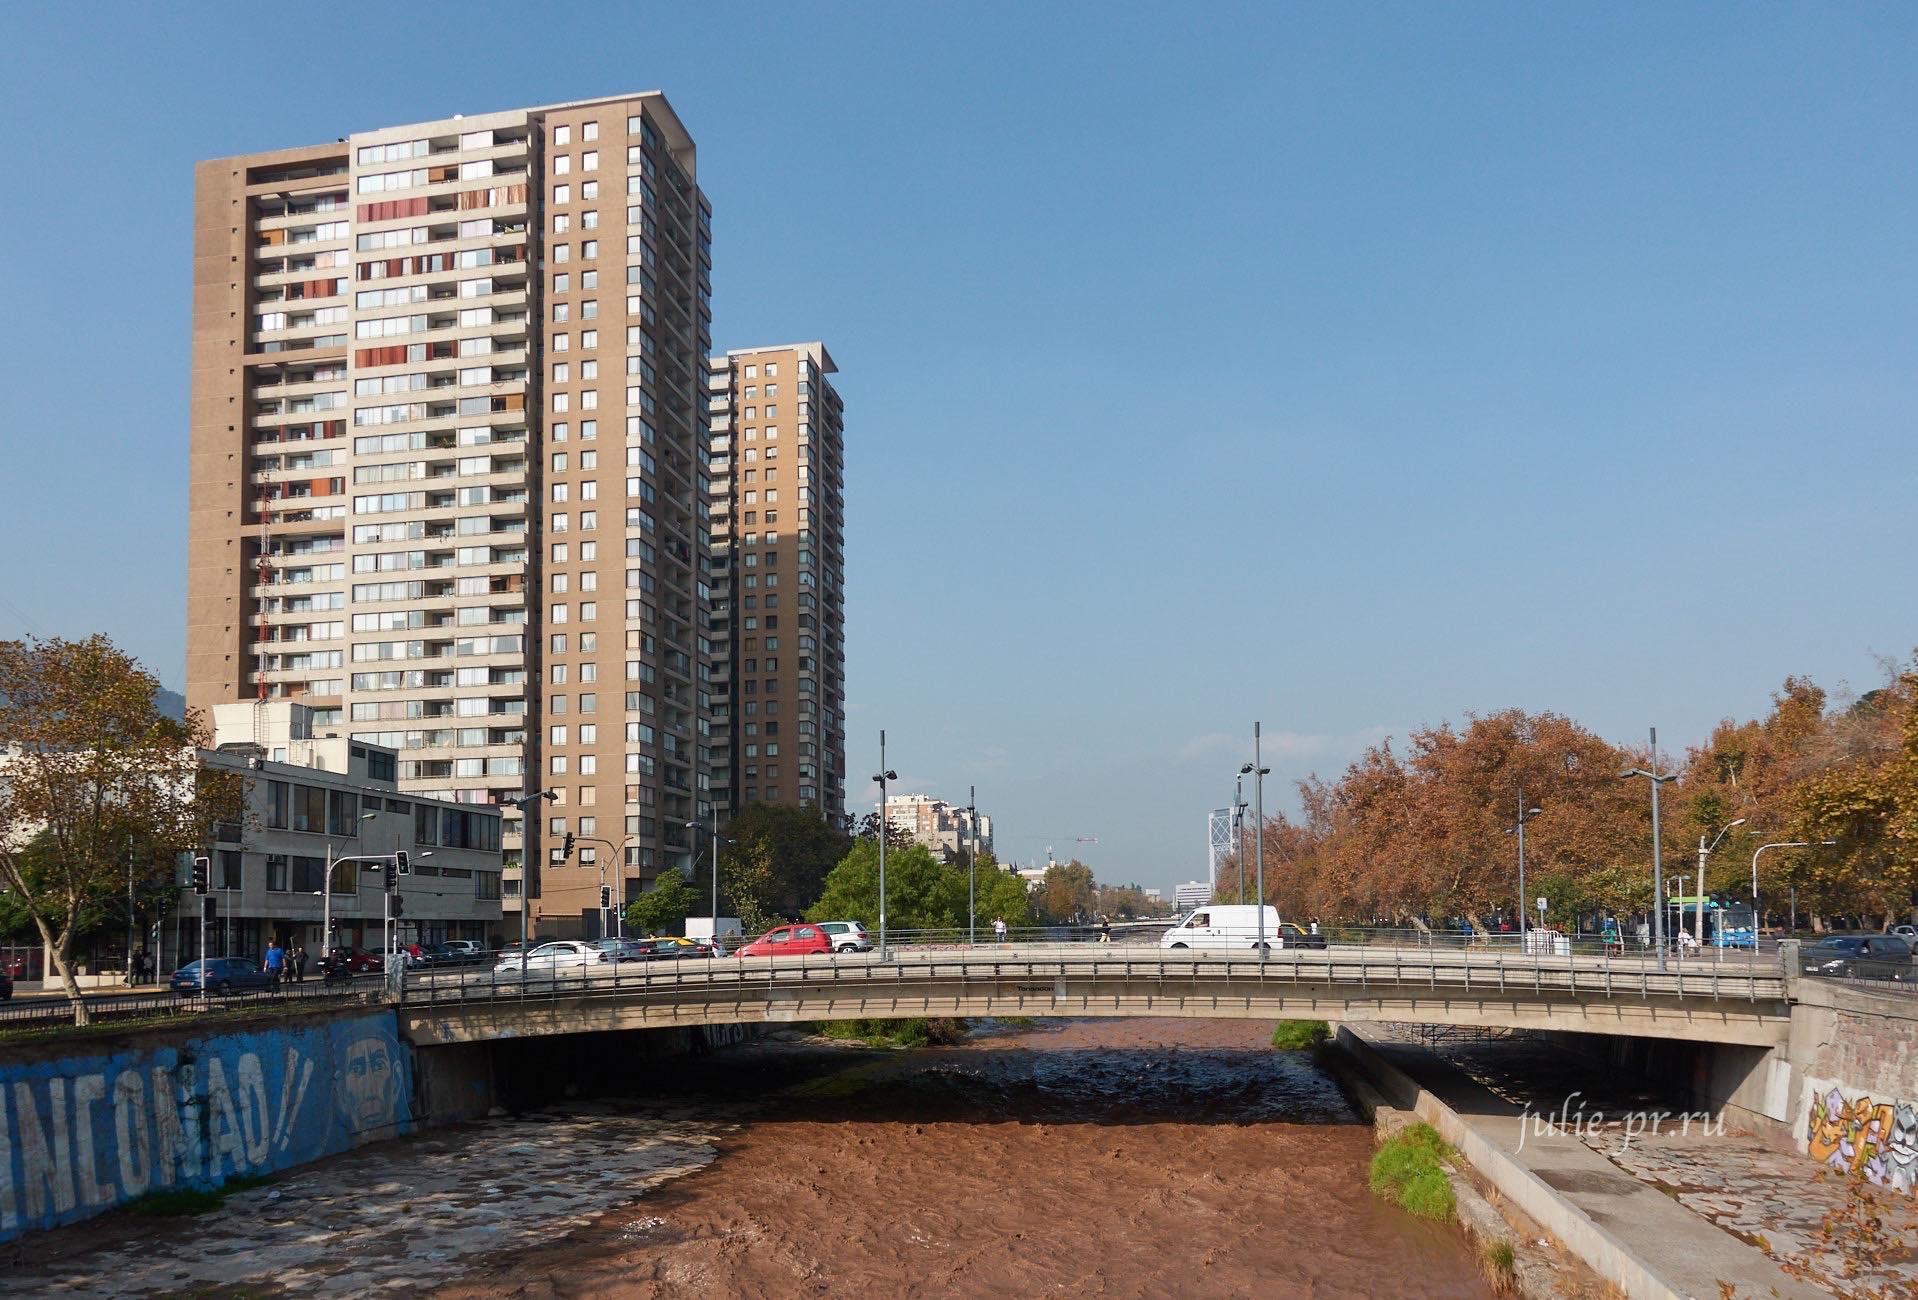 Чили, Сантьяго, Река Мапочо